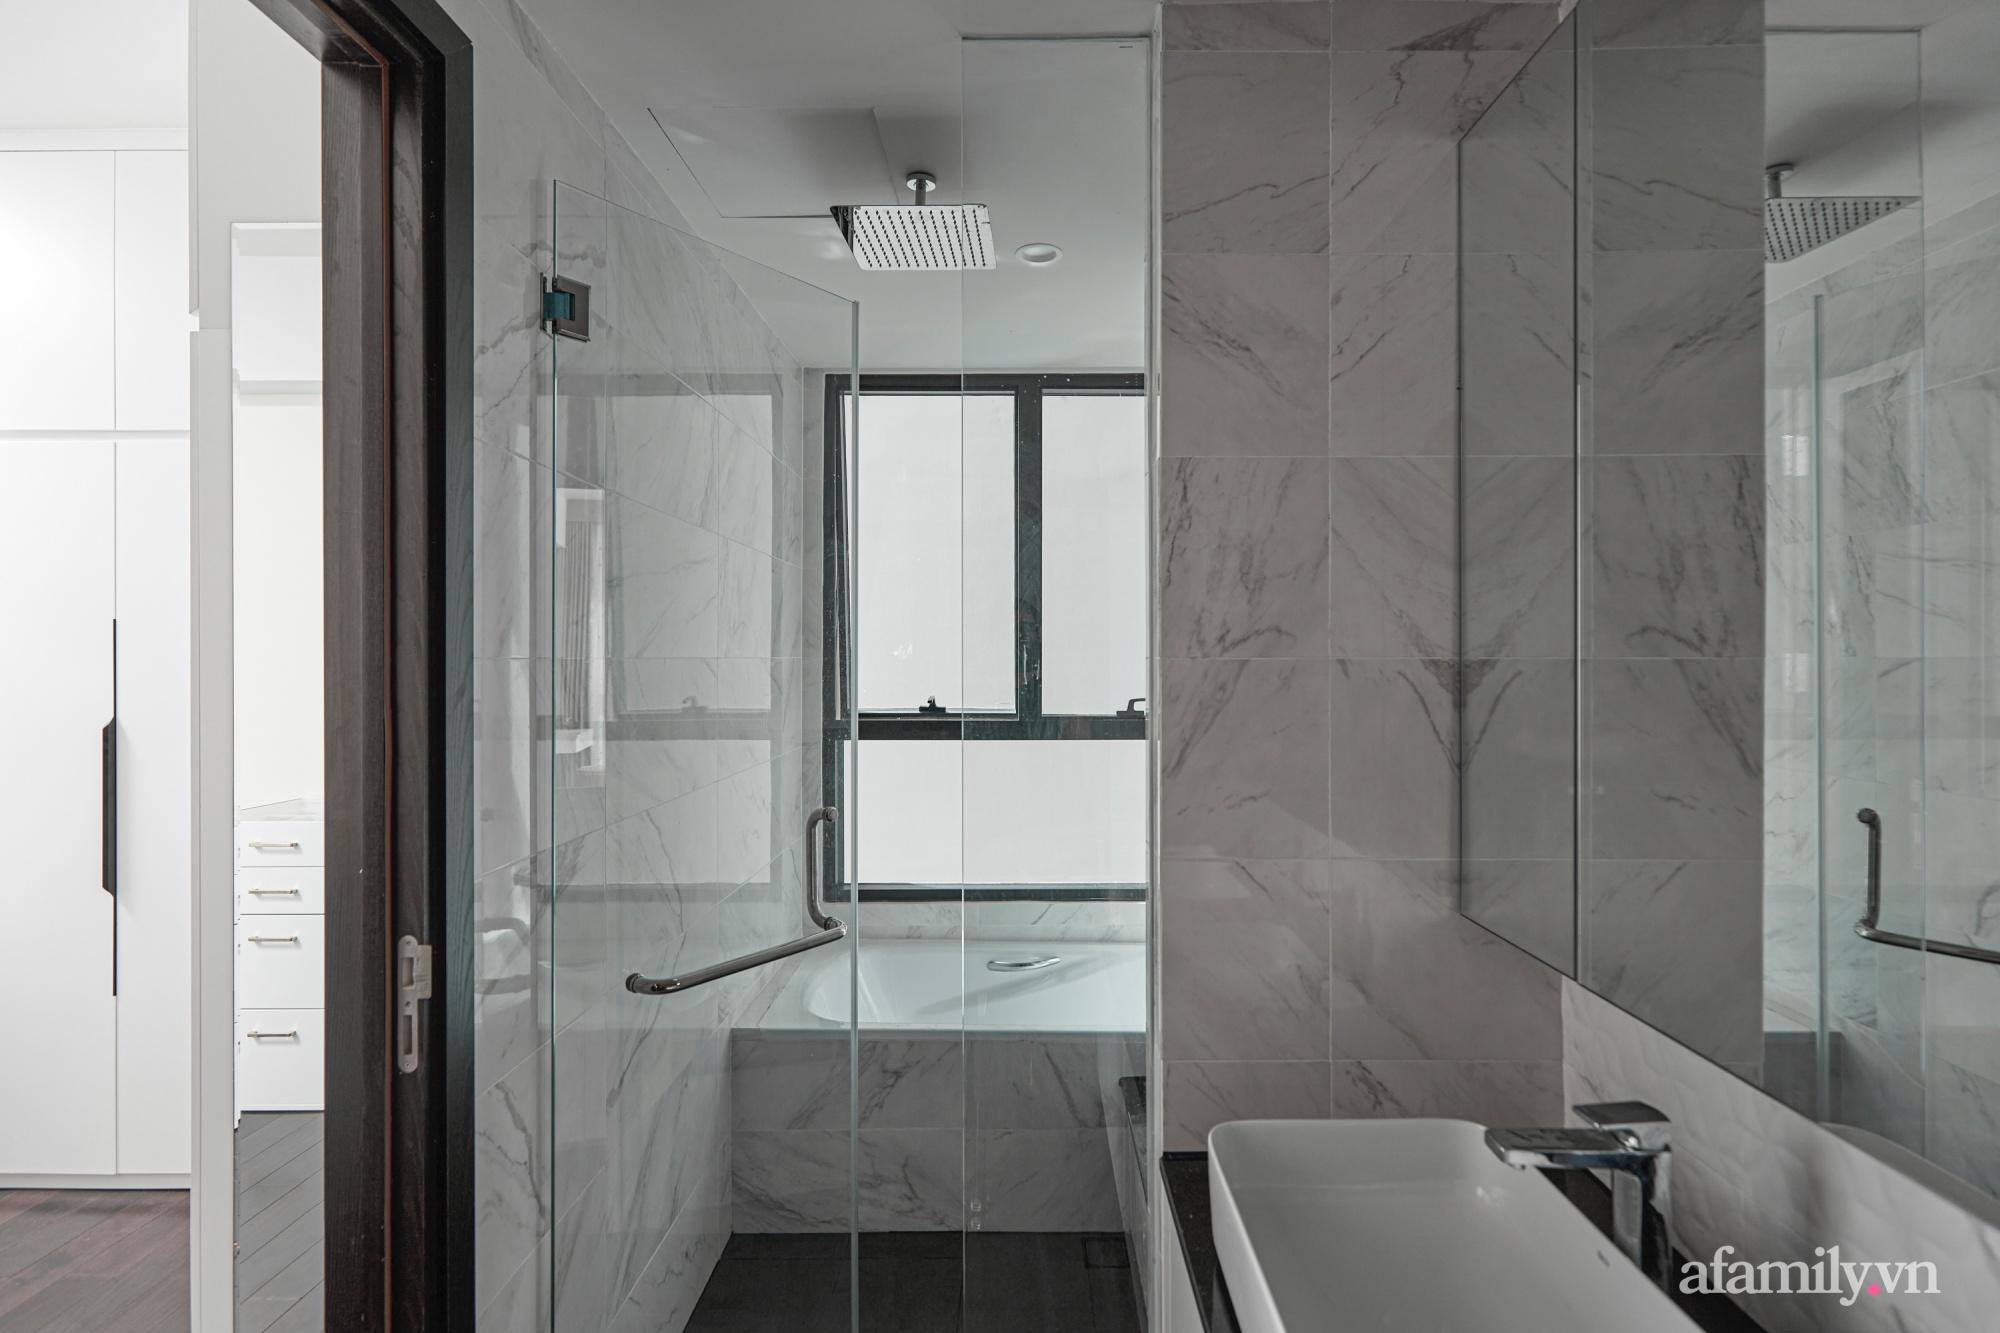 Căn hộ 170m² đẹp như bản tình ca lãng mạn nhờ sử dụng những gam màu nhẹ nhàng, nội thất cao cấp ở Sài Gòn - Ảnh 20.